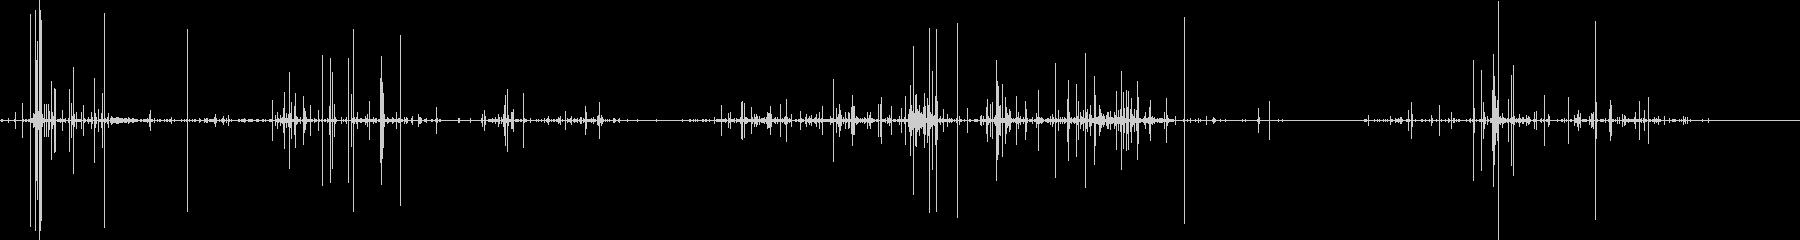 滴下ストランド:ハイピッチ、GOO...の未再生の波形